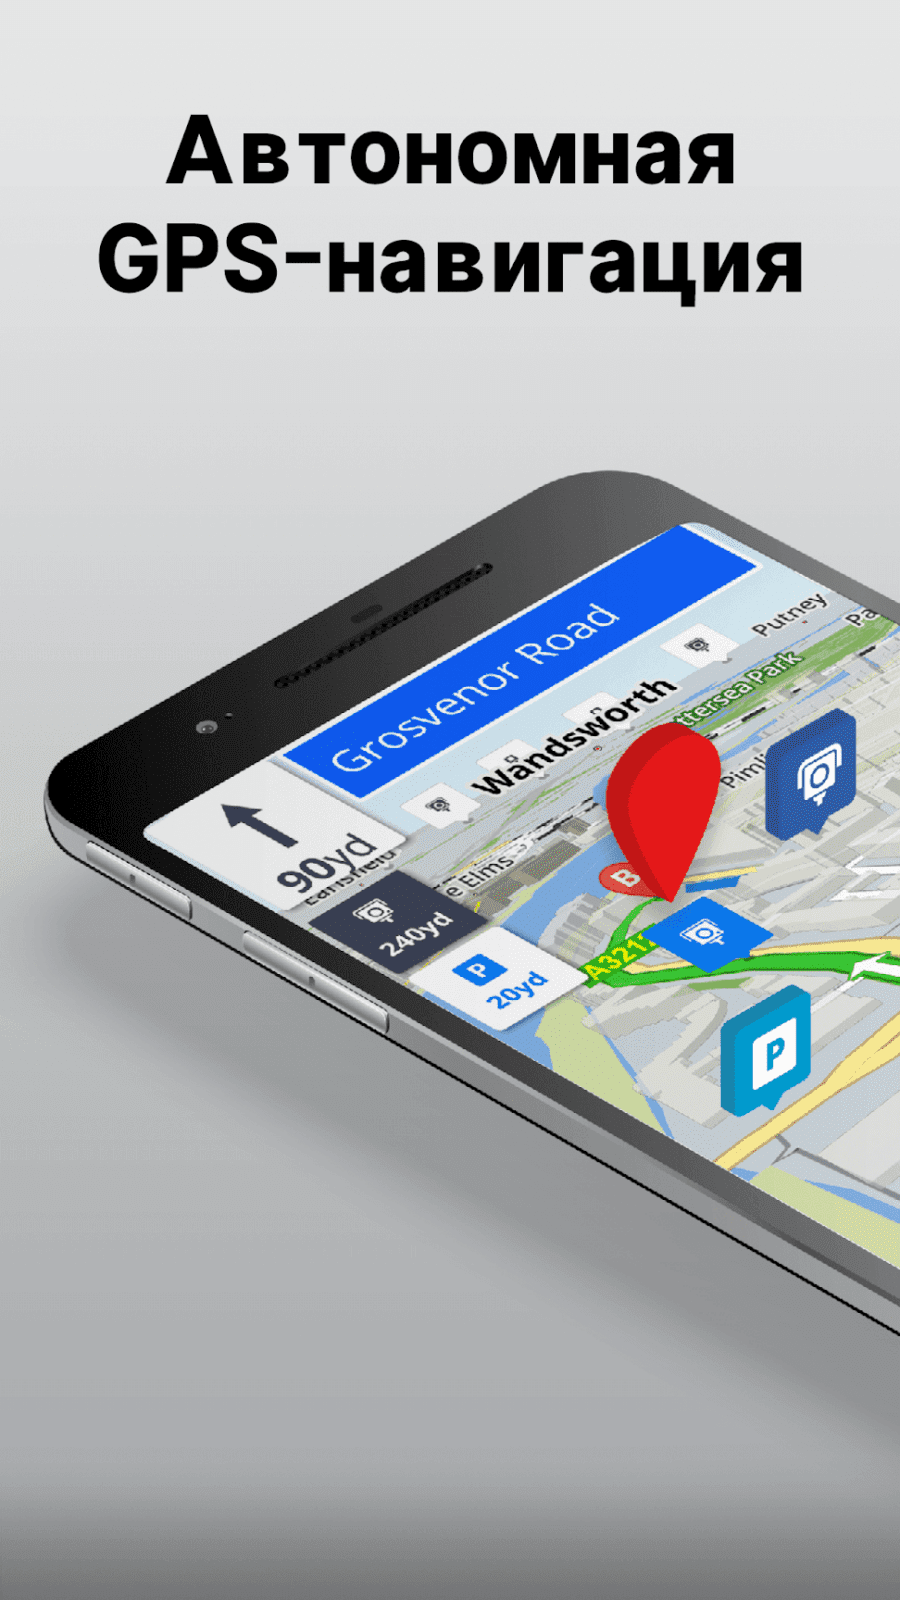 Автономные карты и система навигации скриншот 1